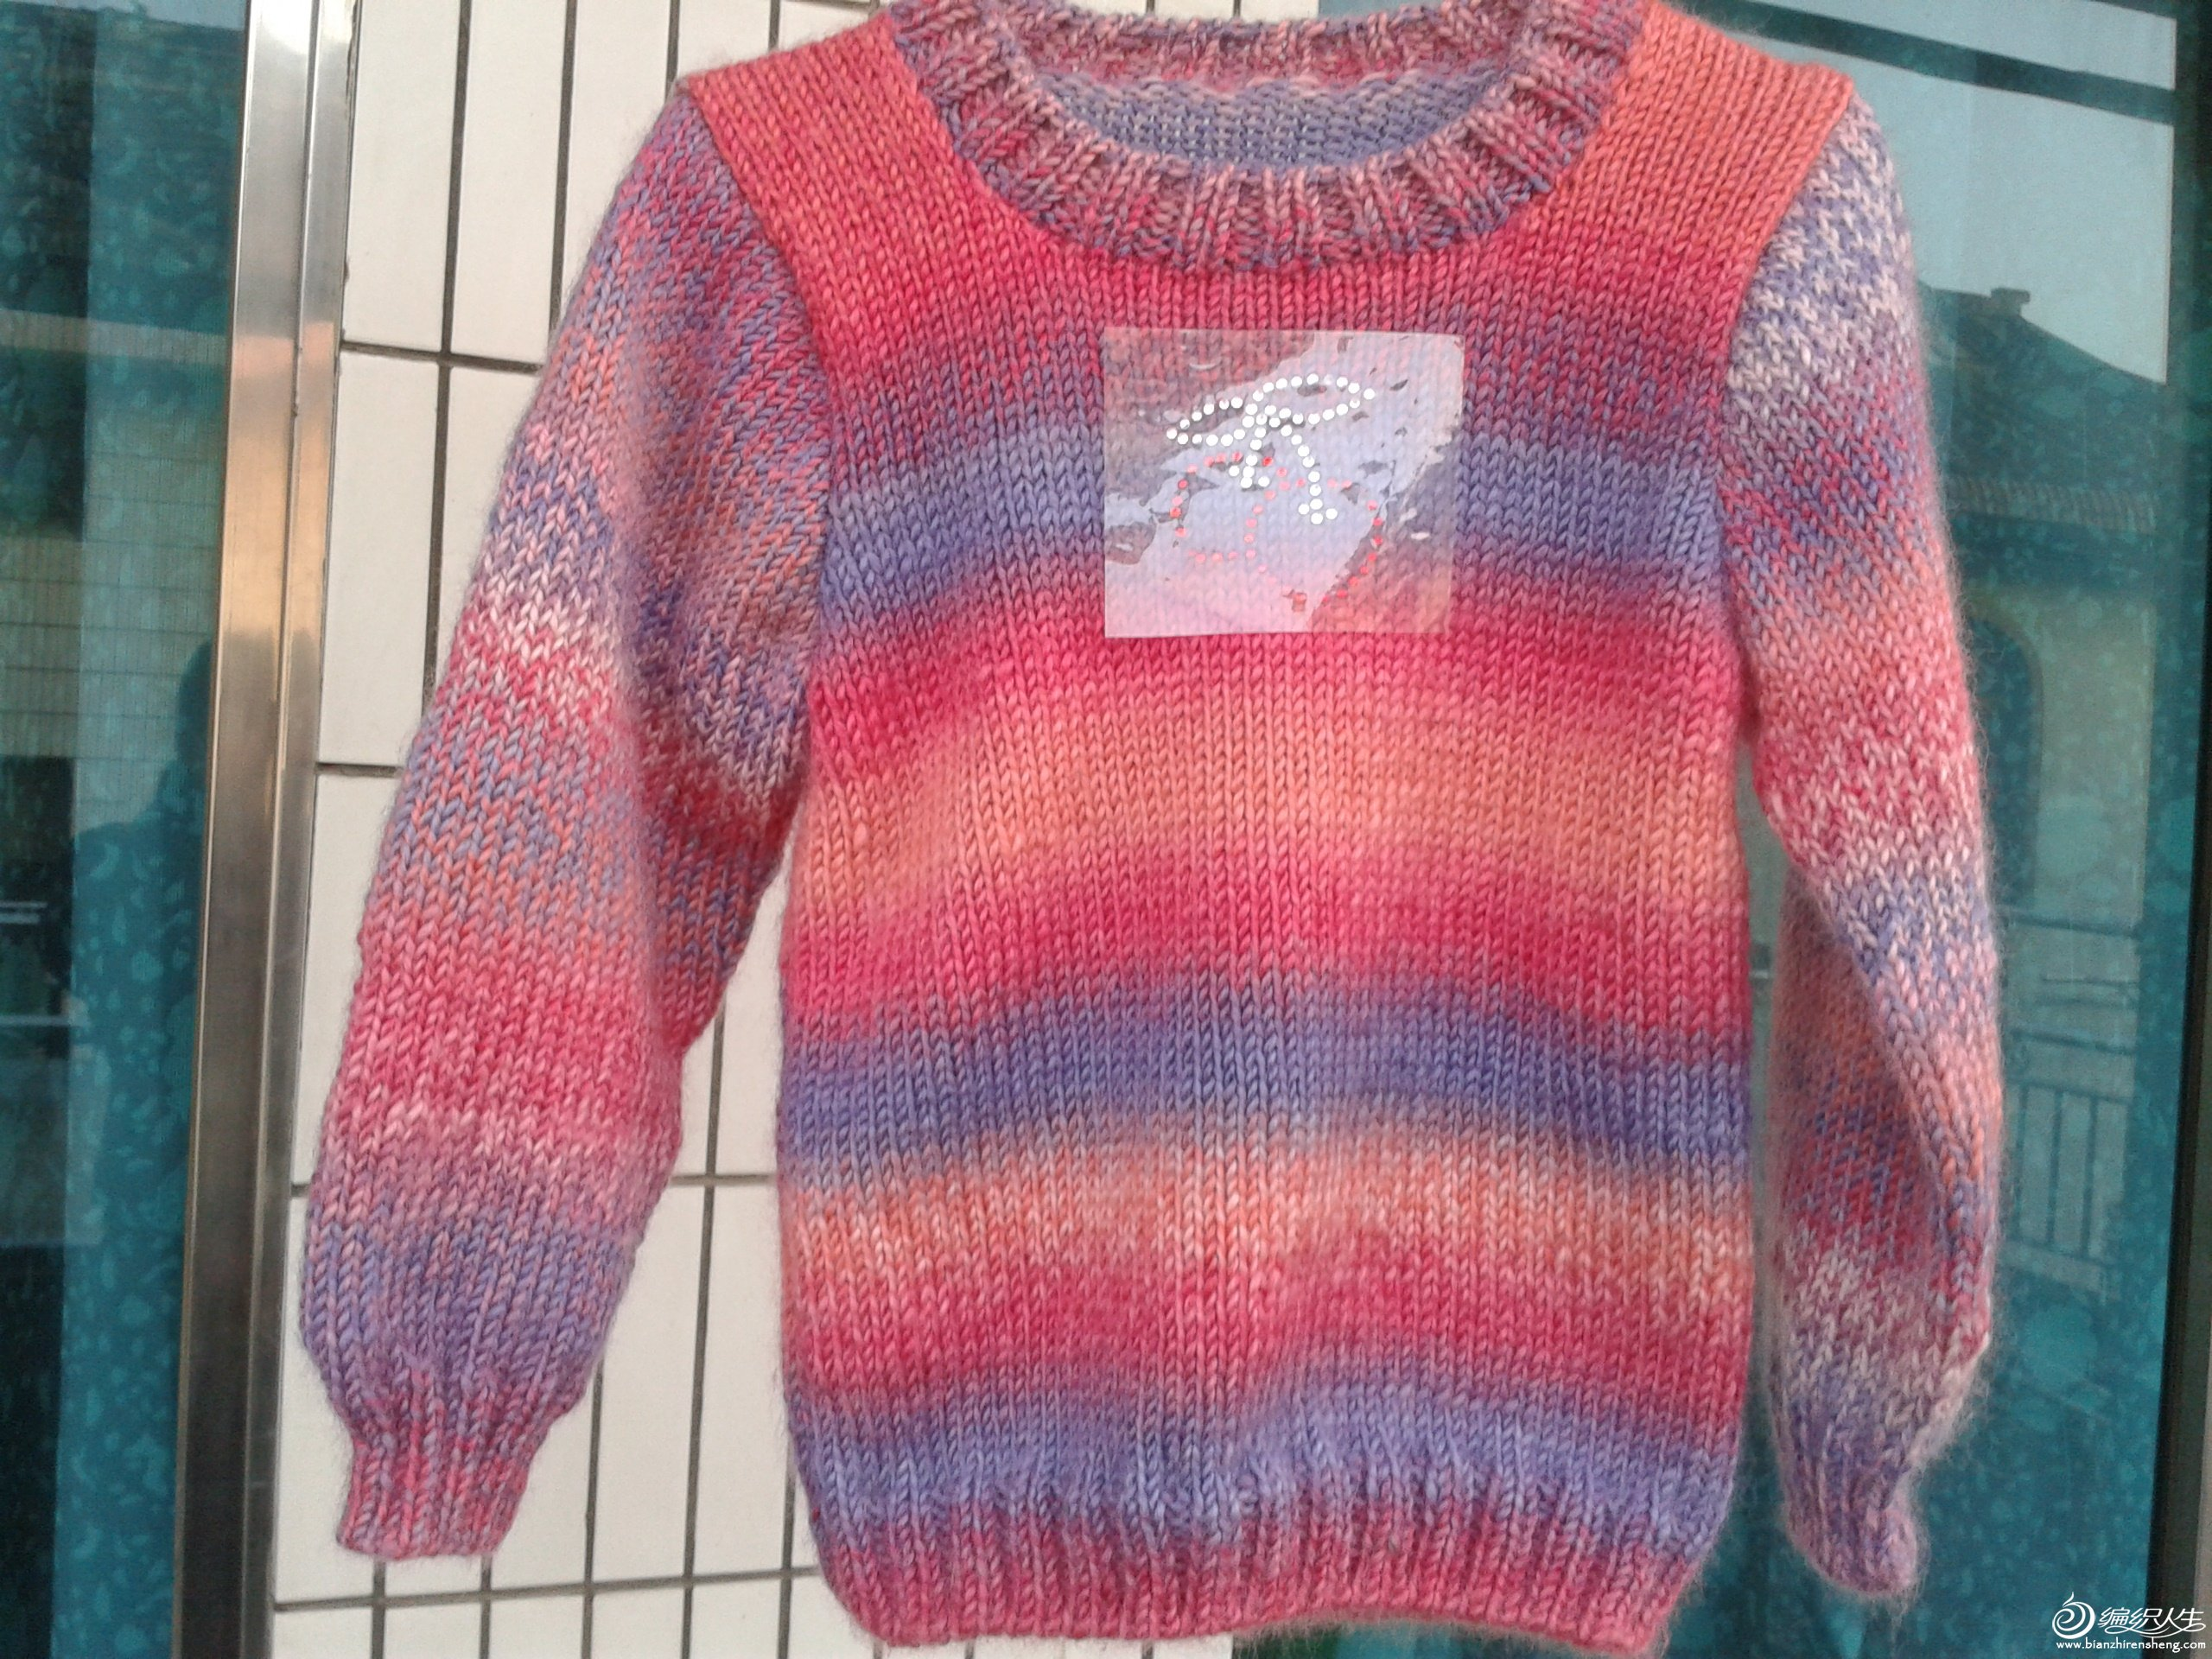 2012-03-21 侄女的段染毛衣.jpg